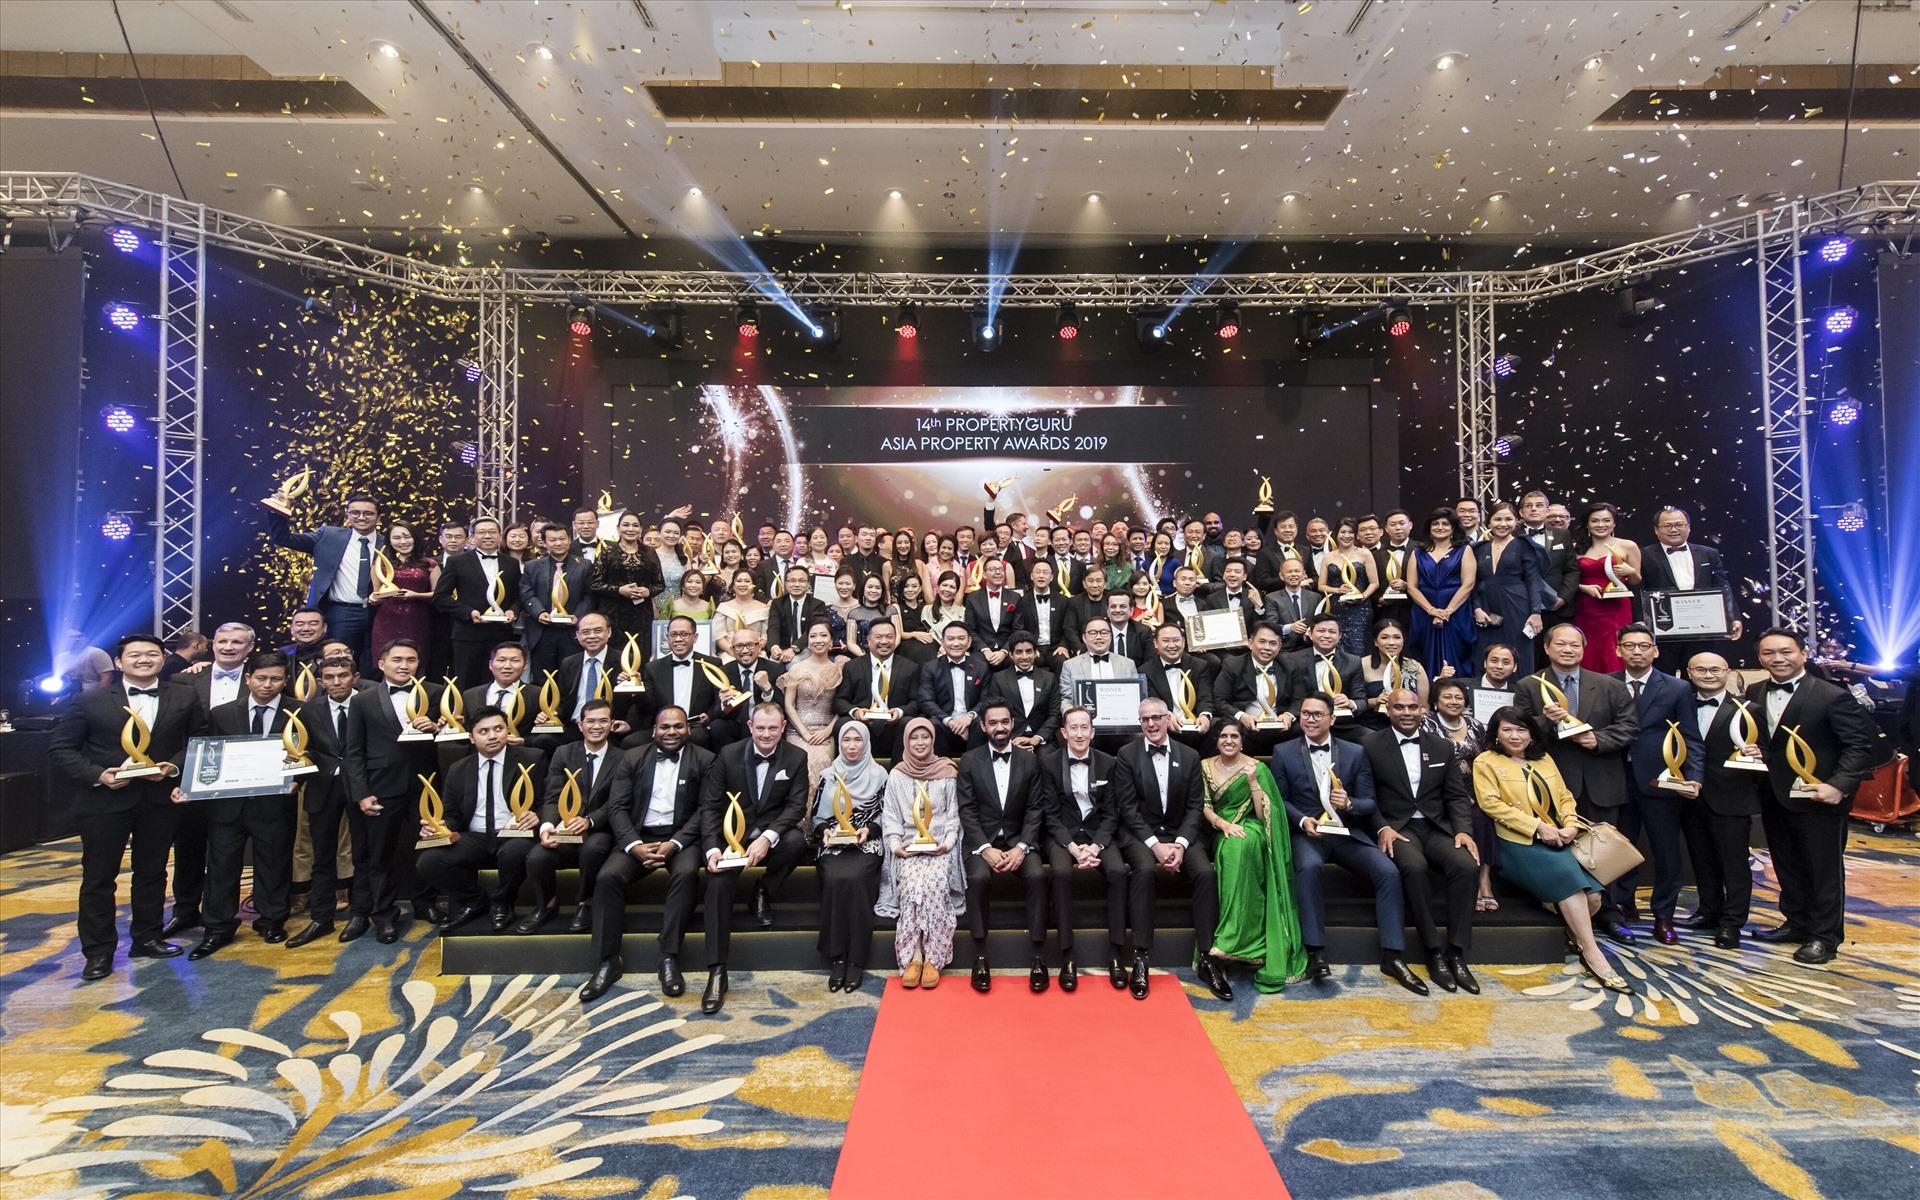 giải thưởng bất động sản châu á